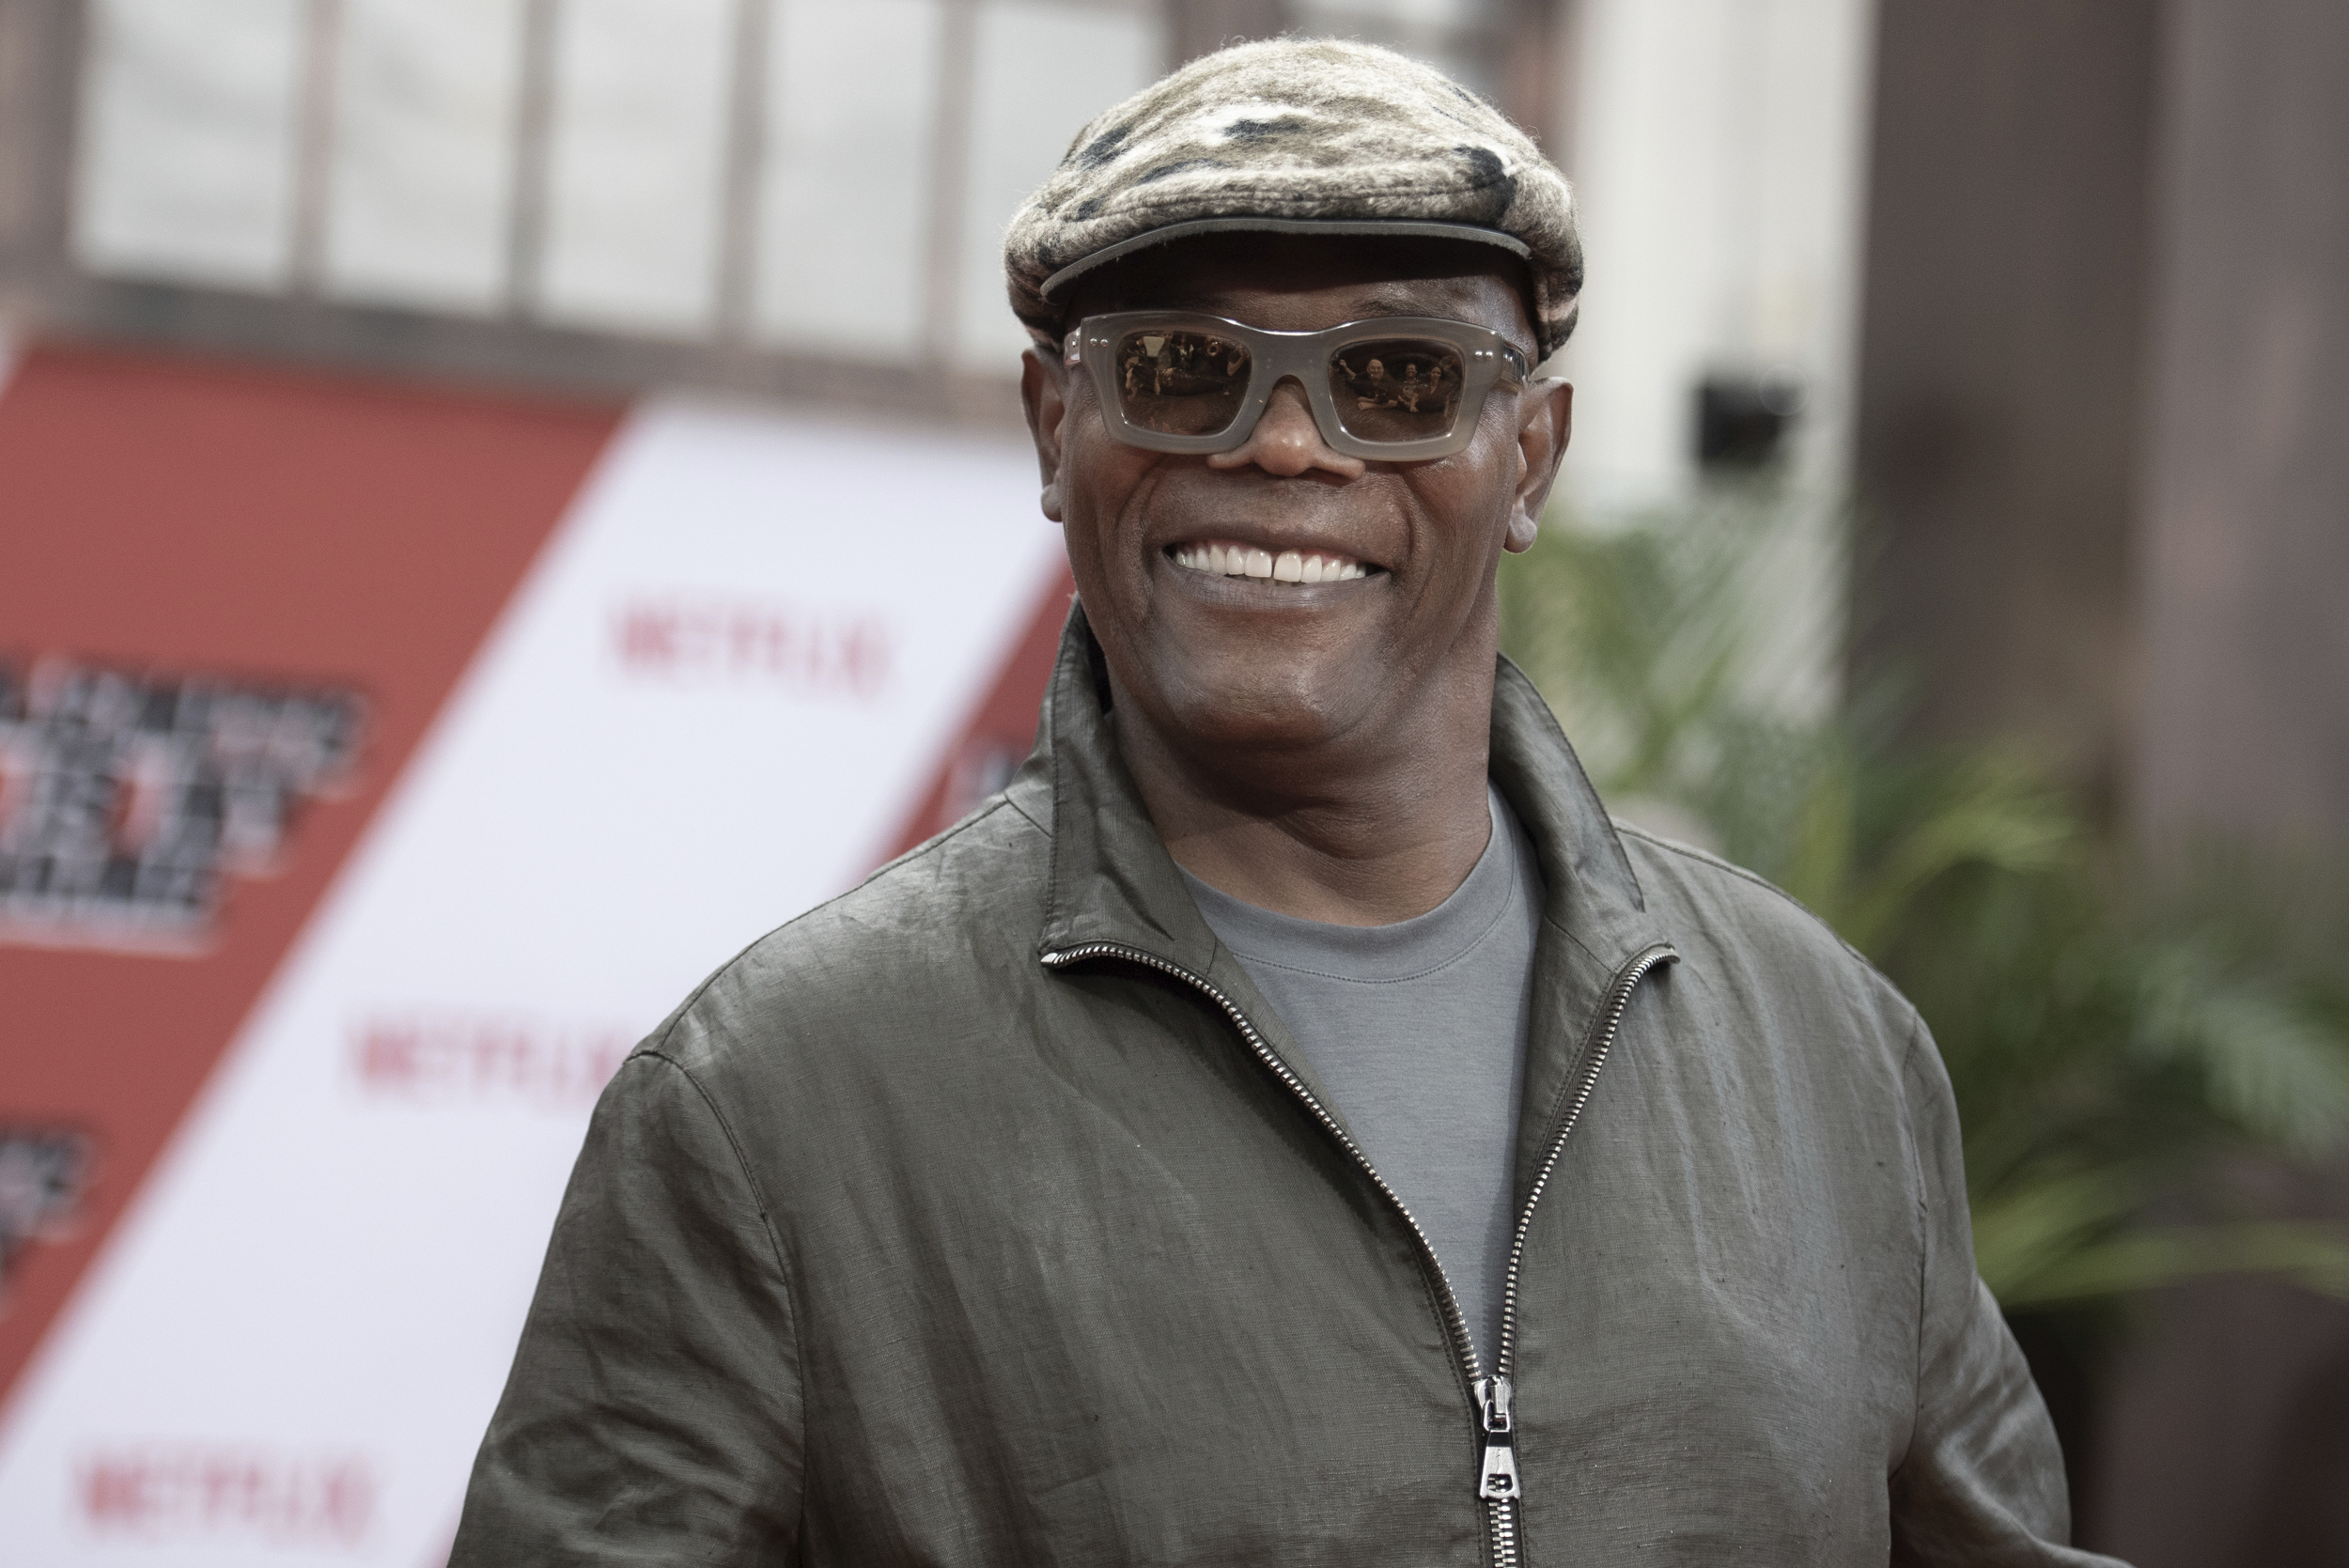 Сэмюэл Л. Джексон сыграет главную роль в Apple TV + адаптации к фильму «Последние дни Птолемея Грея»